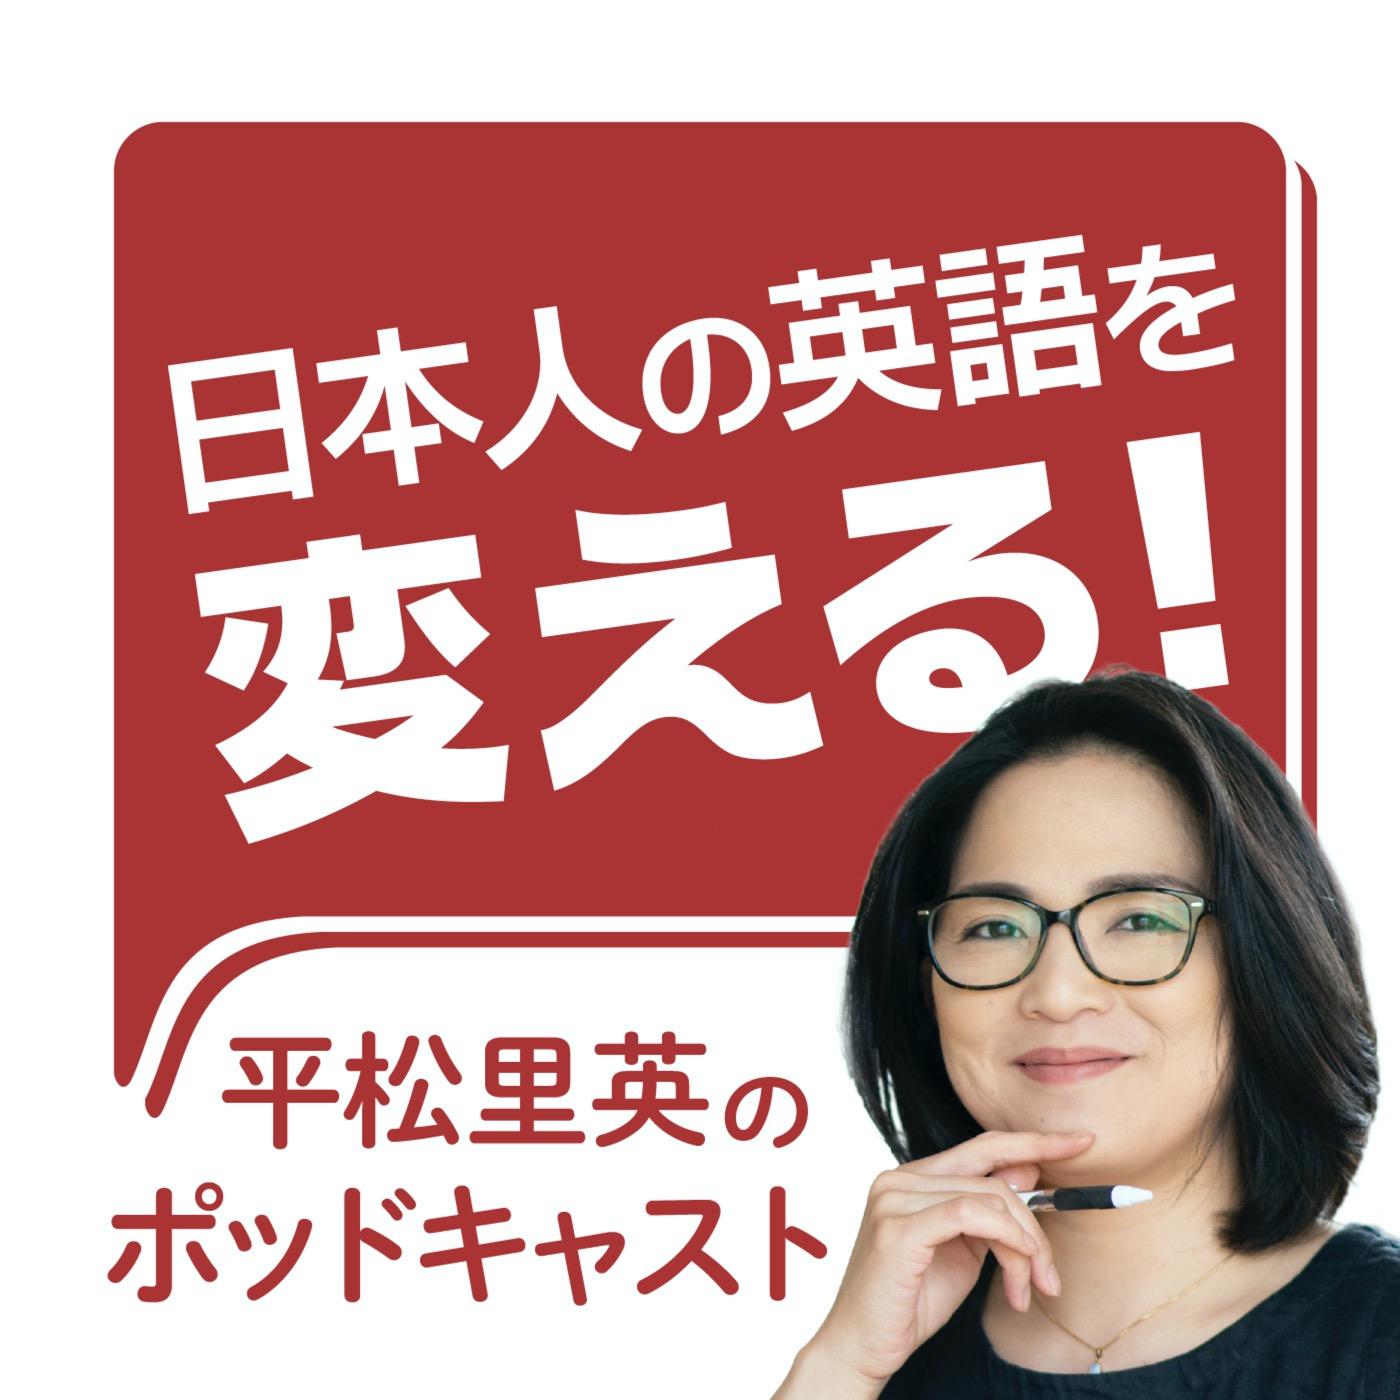 日本人の英語を変える!ポッドキャスト